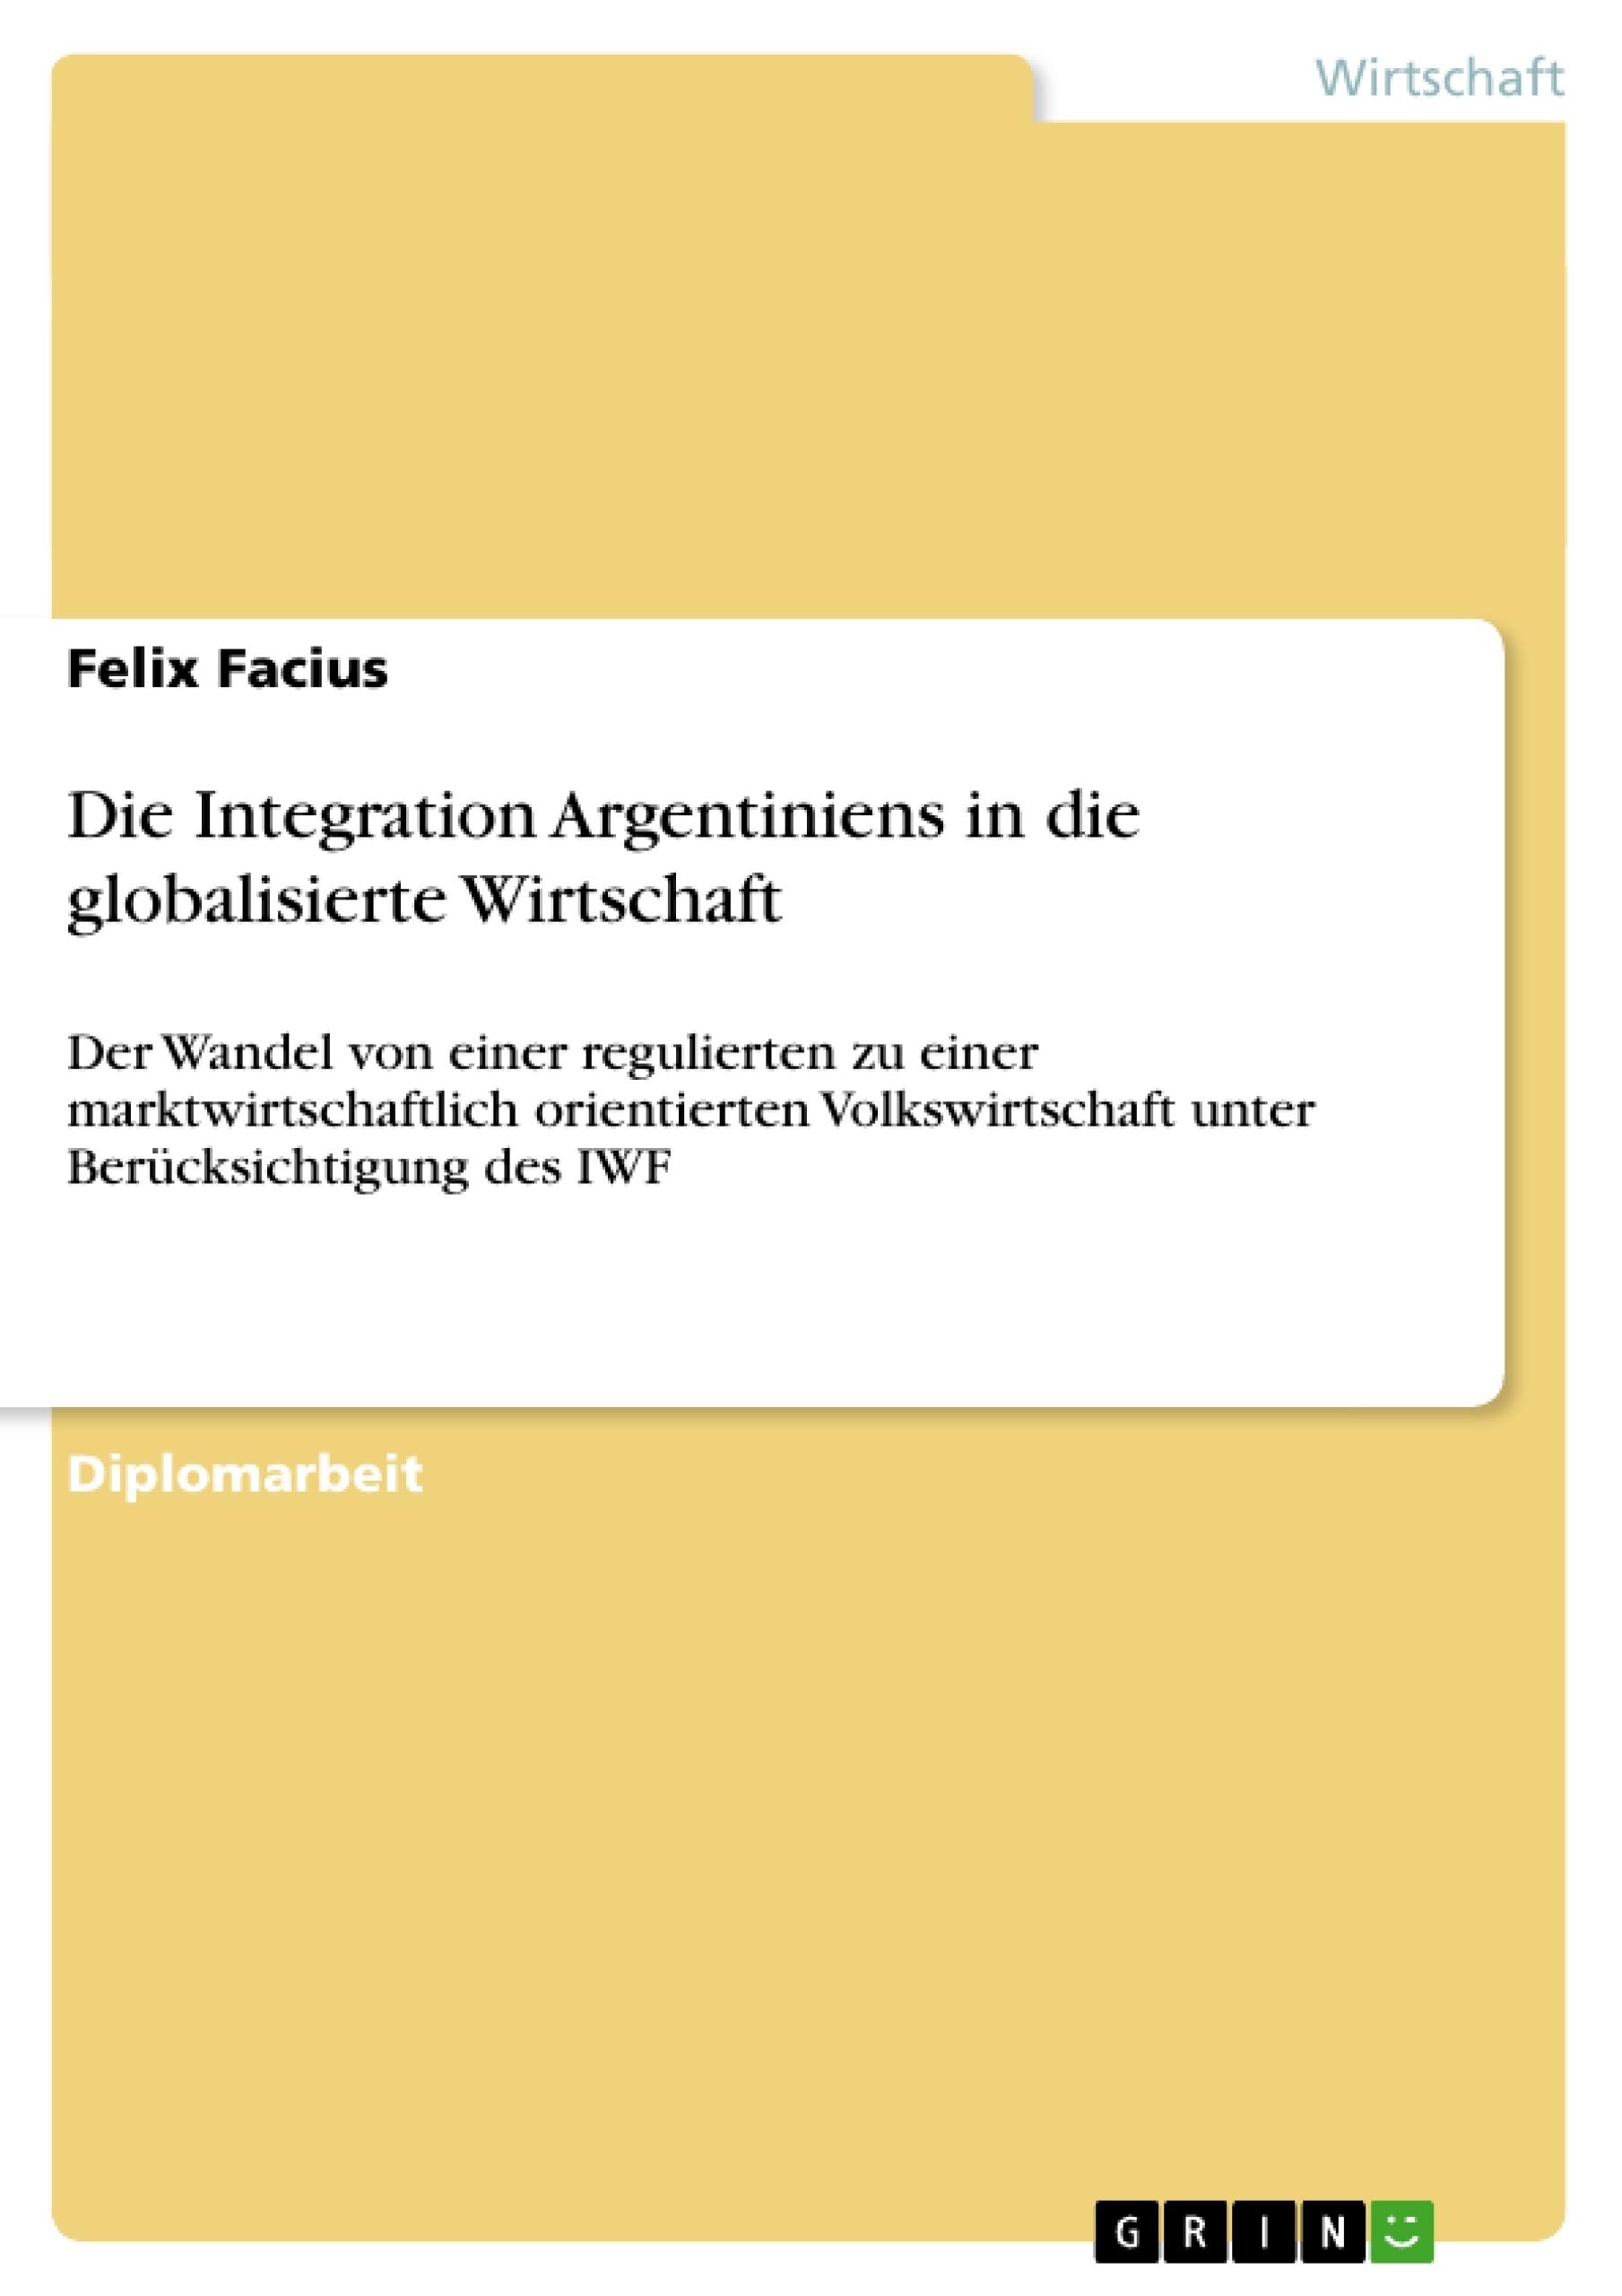 Titel: Die Integration Argentiniens in die globalisierte Wirtschaft